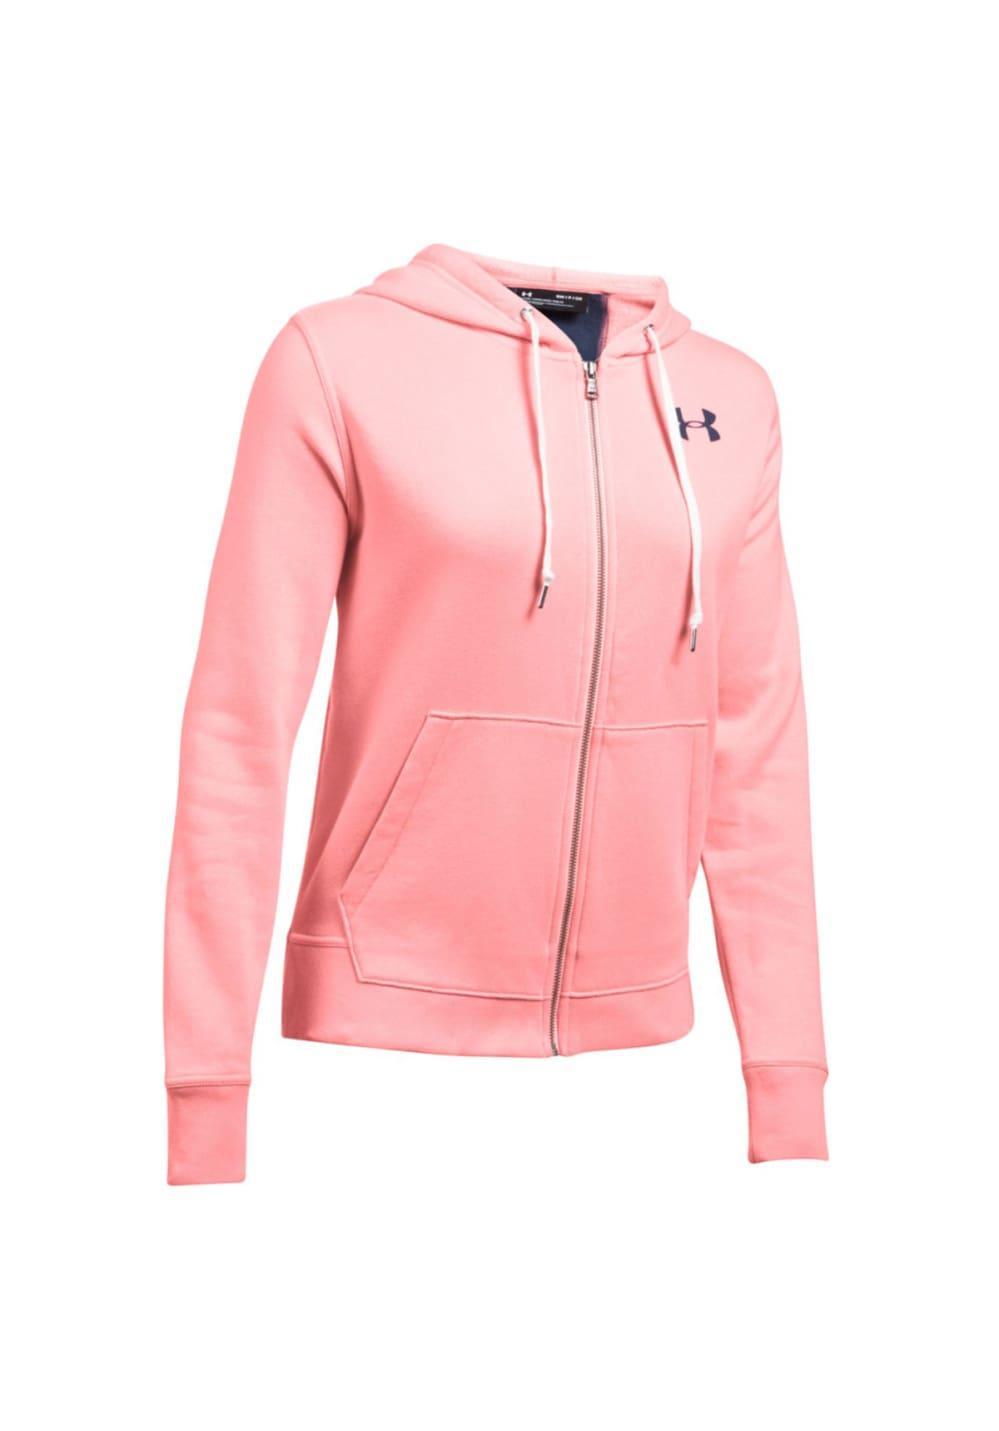 Under Armour Favorite Fleece Full Zip - Sweatshirts & Hoodies für Damen - Pink,